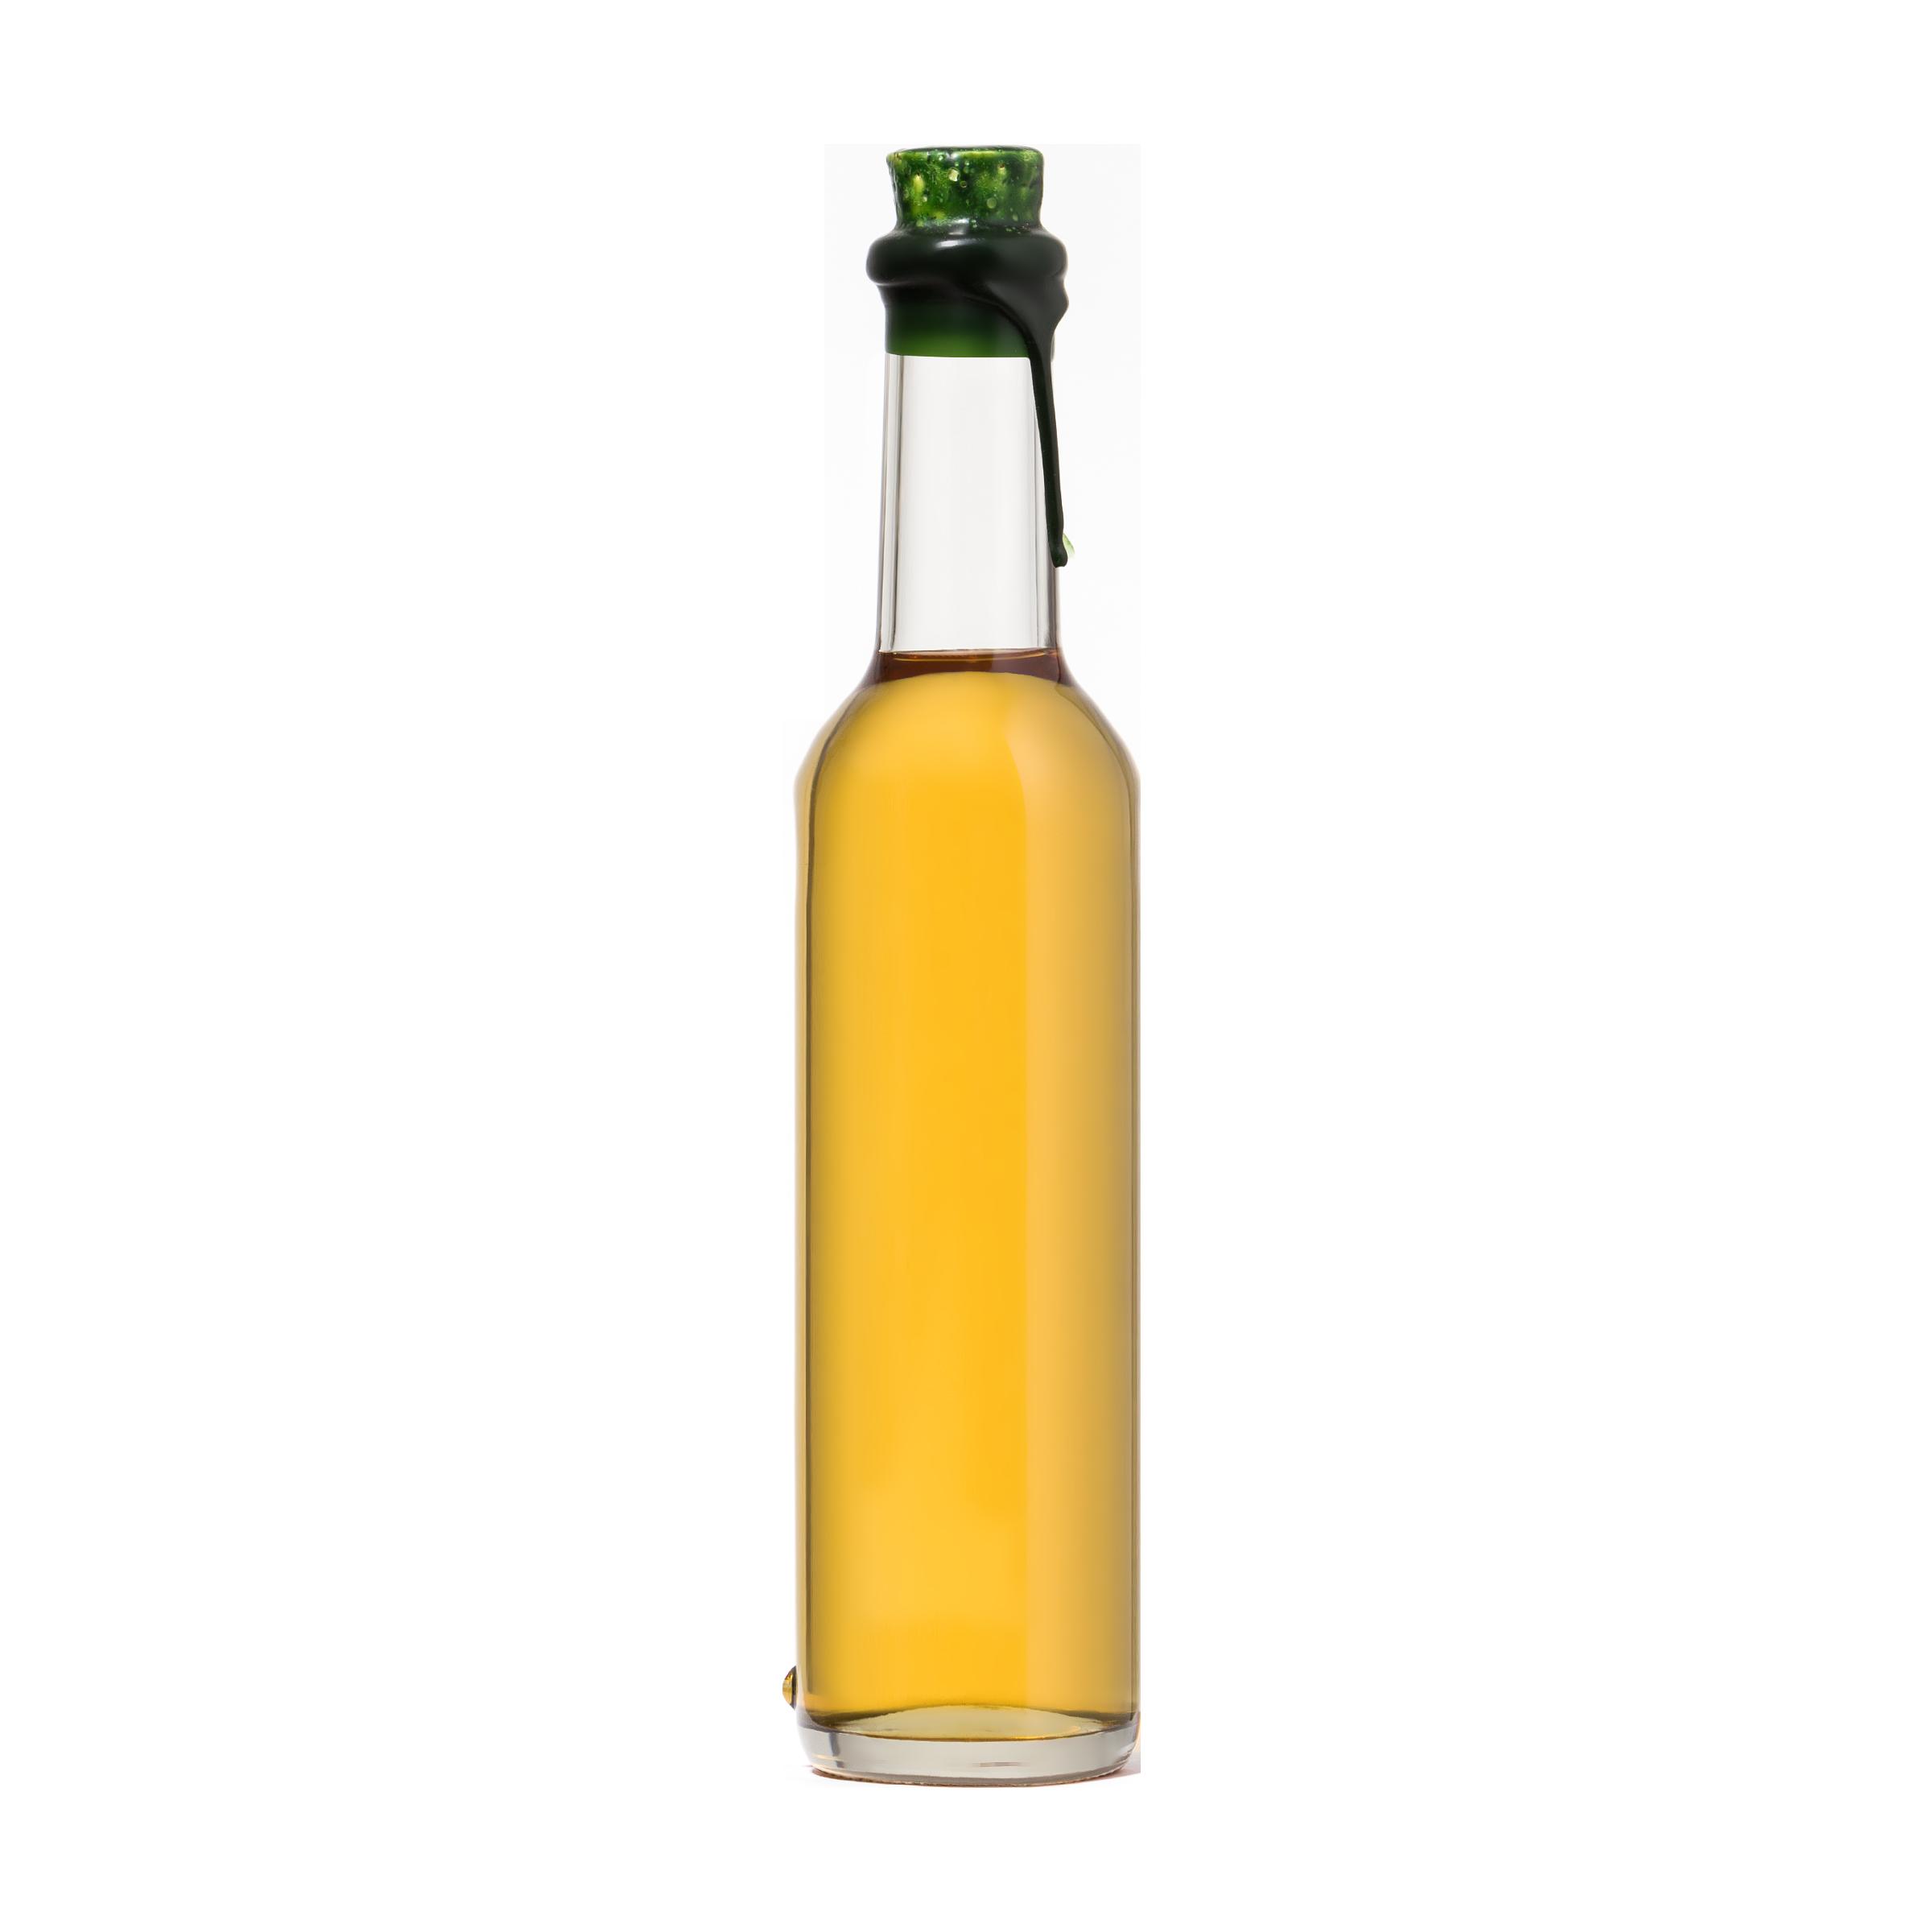 bottle product image